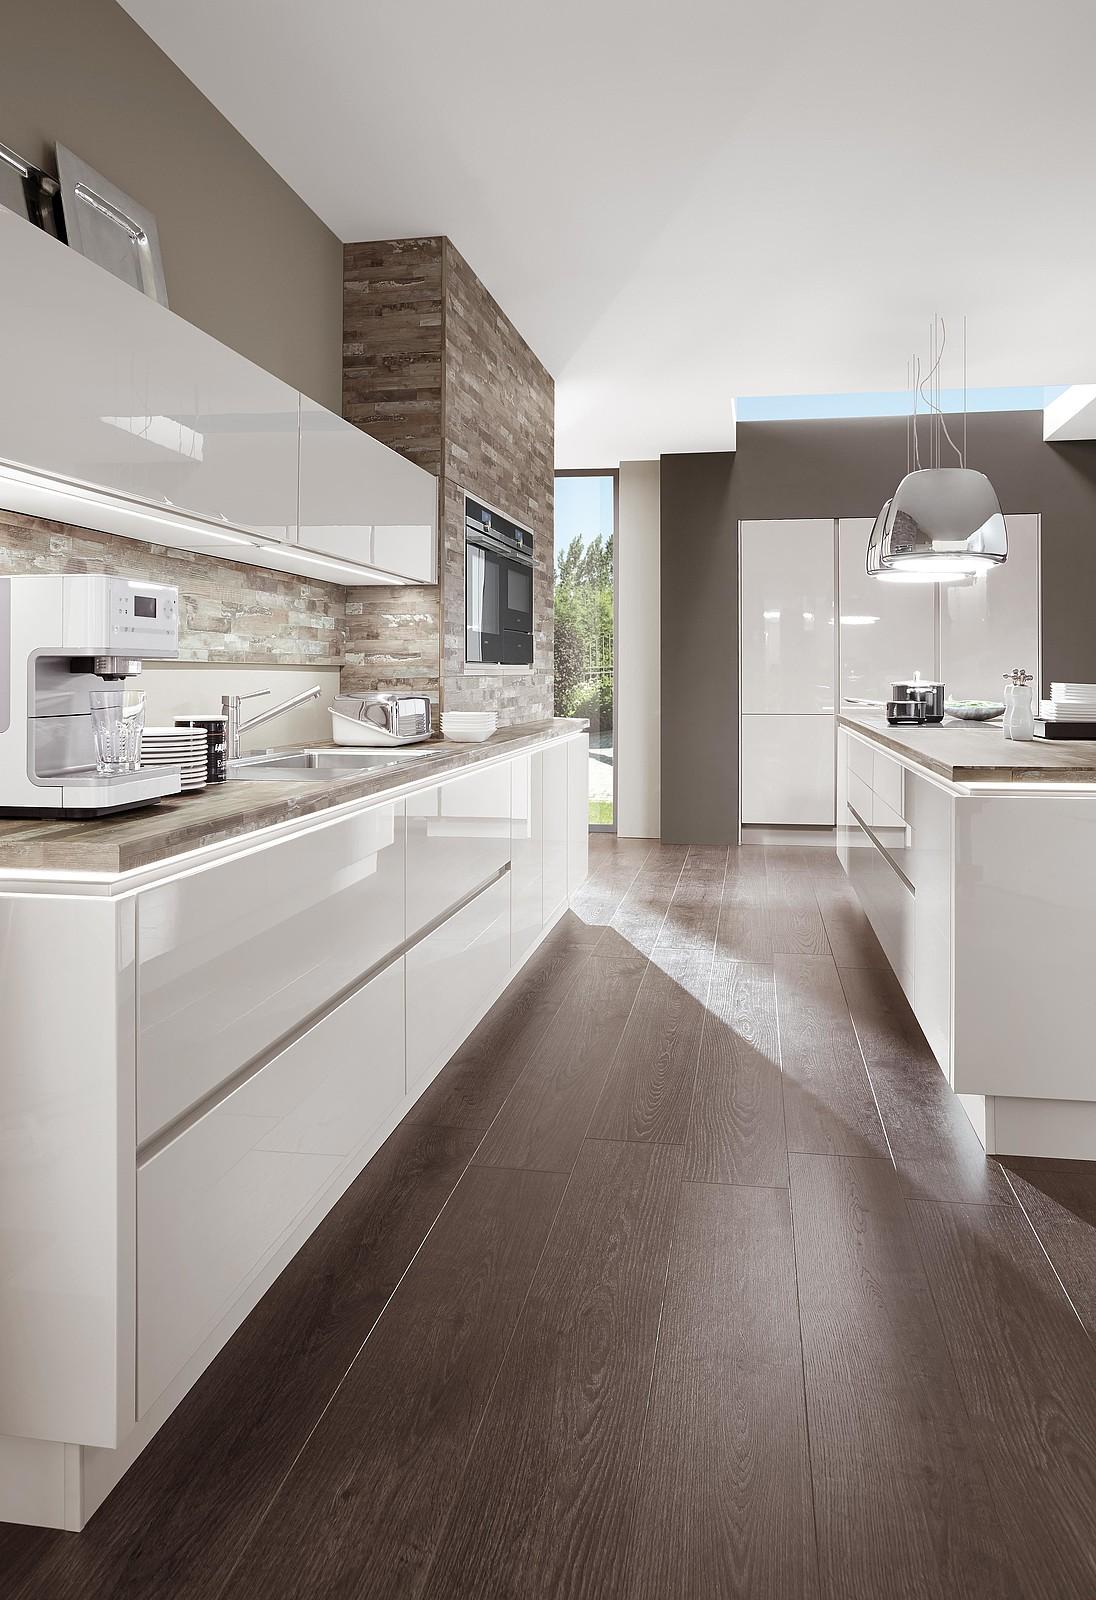 Full Size of Sockelblende Küche Preis Küche Sockelblende Anbringen Sockelblende Küche Lösen Küche Blende Oben Küche Küche Blende